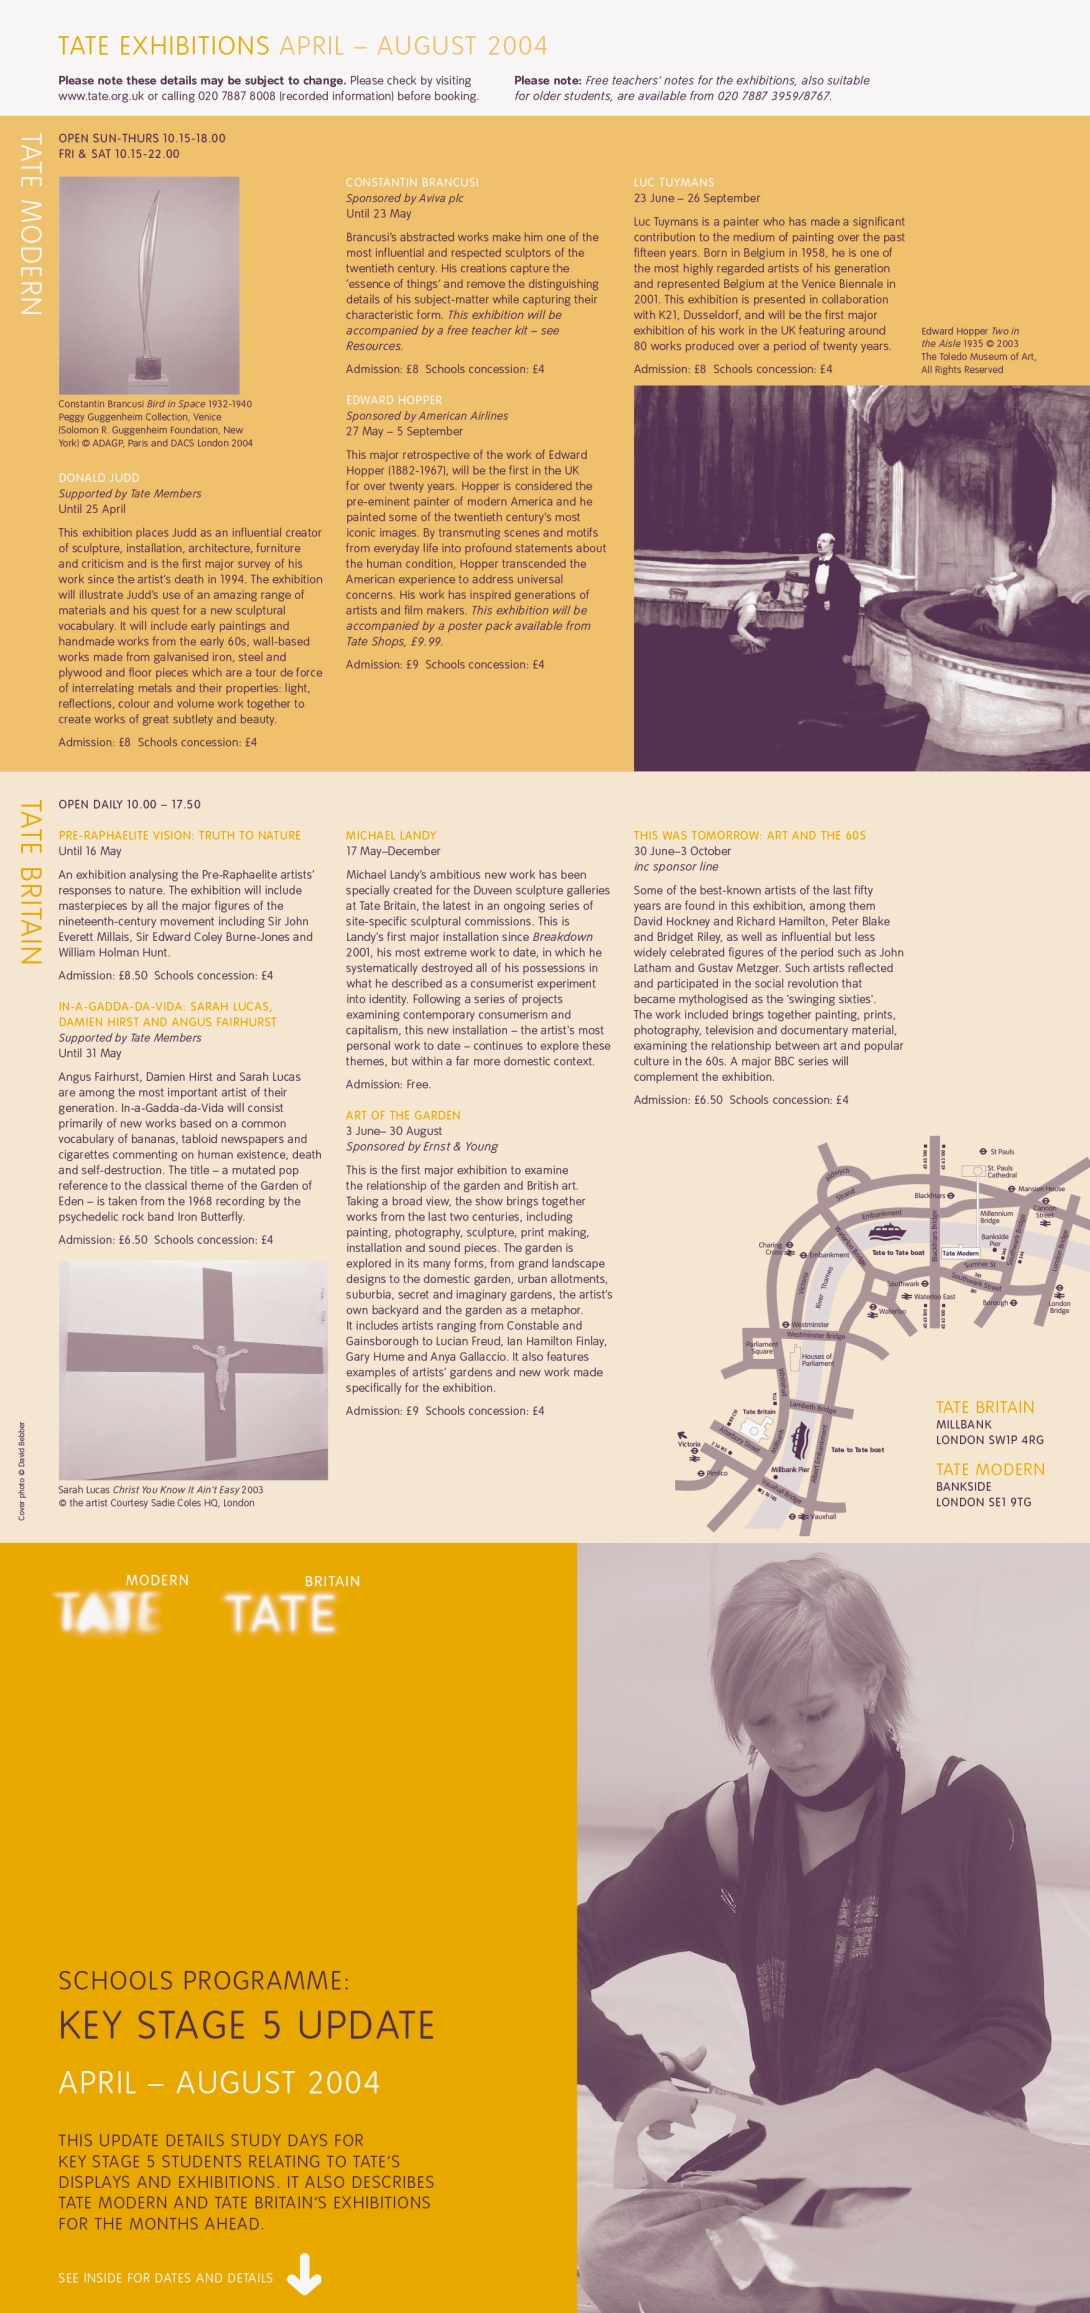 Tate KS5 update-1